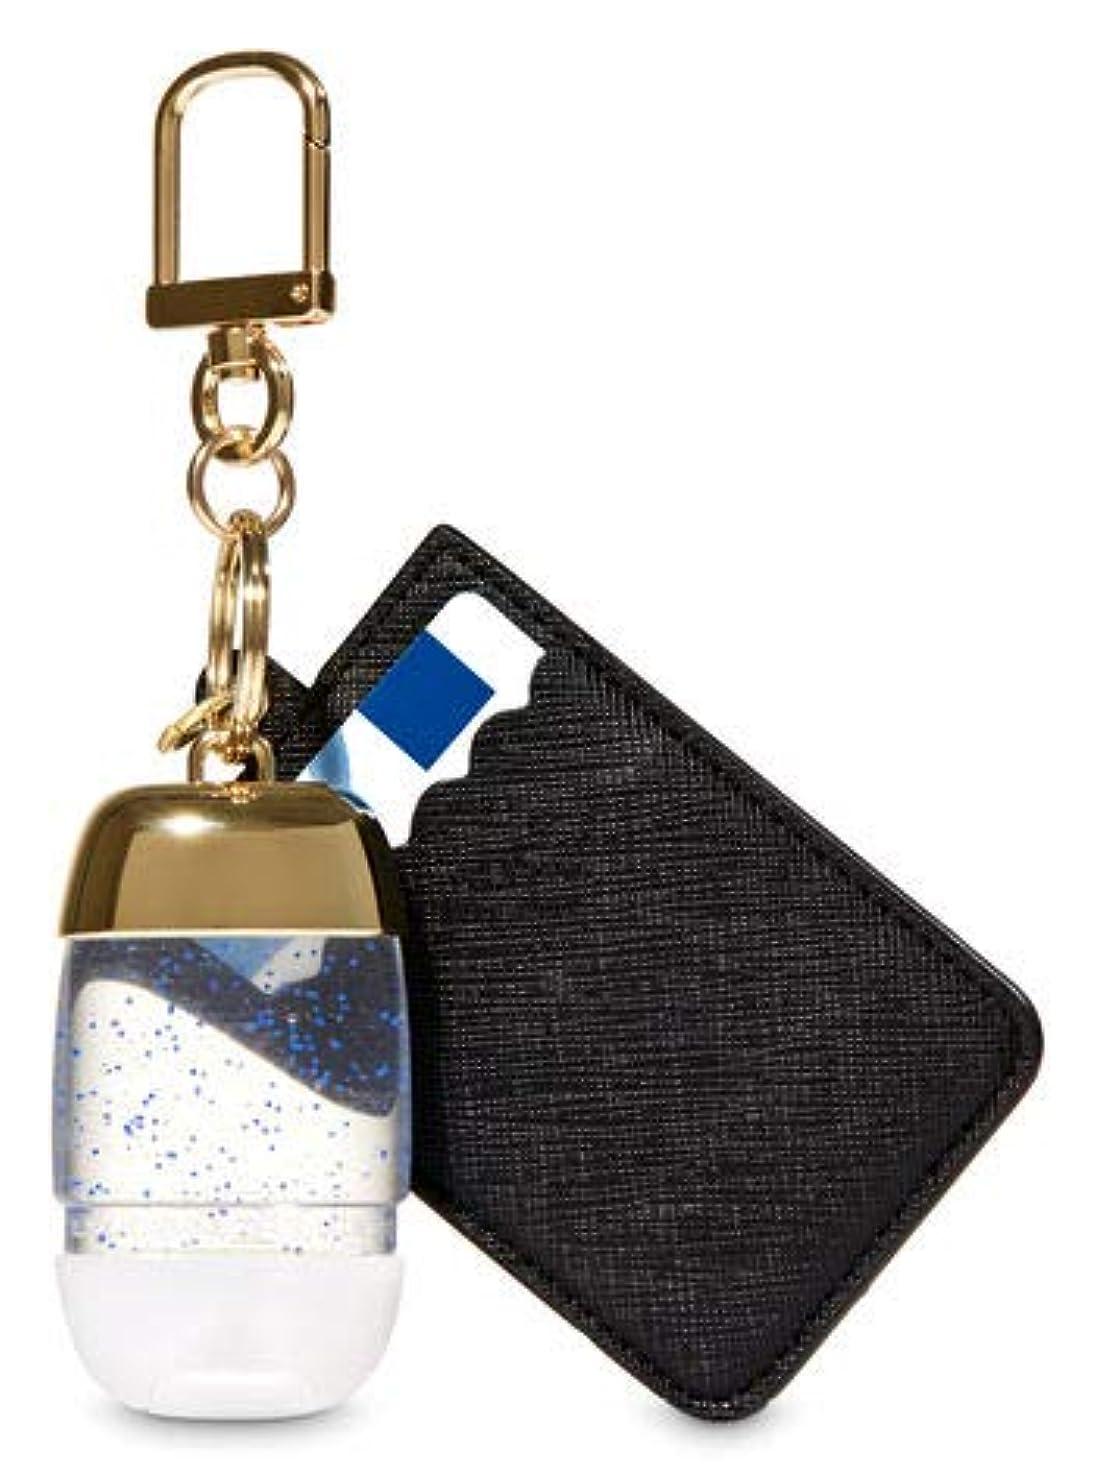 助けて用心深いなぜなら【Bath&Body Works/バス&ボディワークス】 抗菌ハンドジェルホルダー カードケース ブラック&ゴールド Credit Card & PocketBac Holder Black & Gold [並行輸入品]